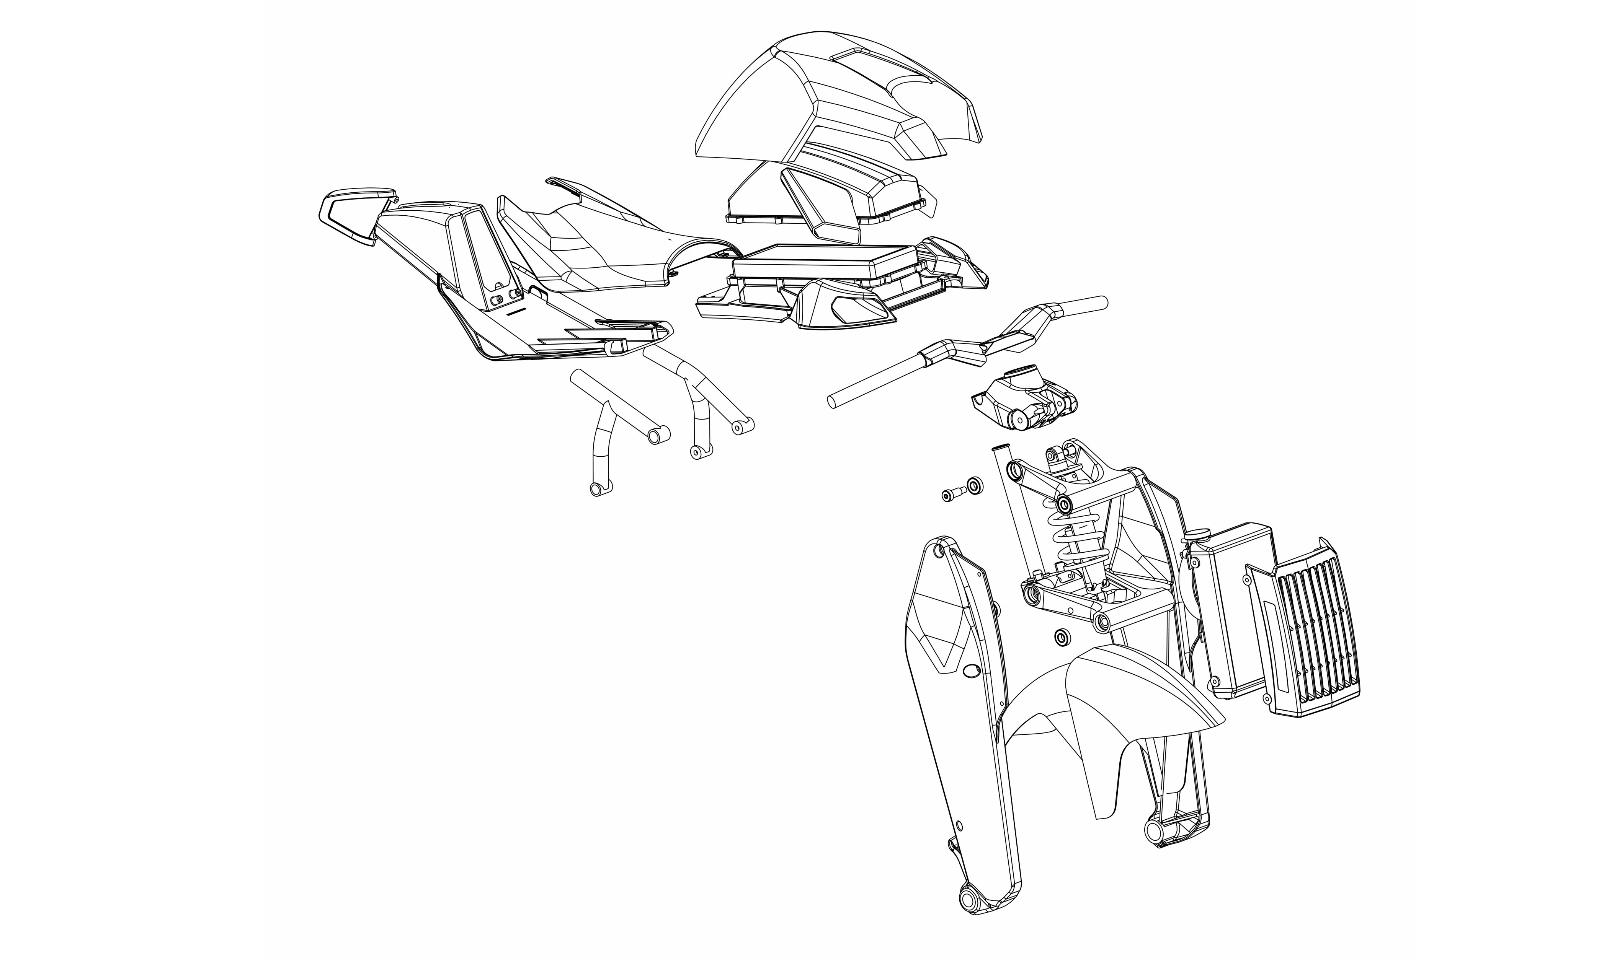 Motoblogn: The Magpul Ronin